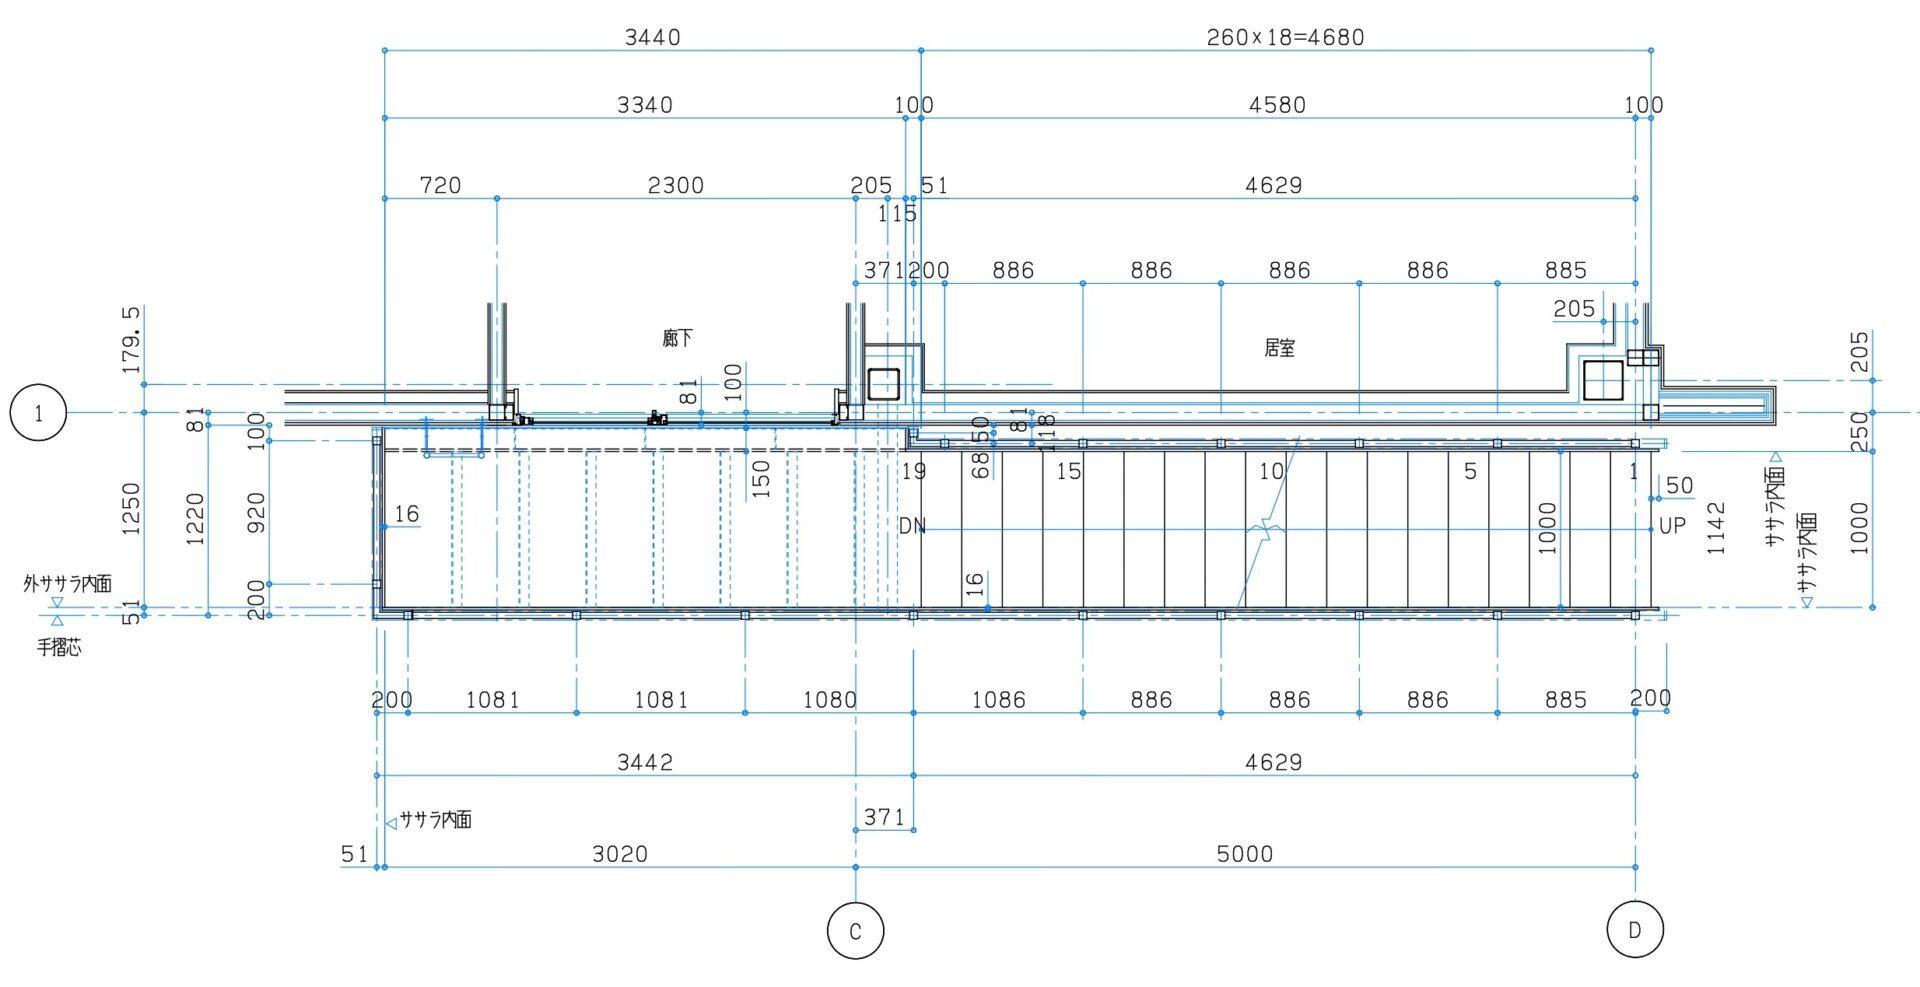 階段手摺 平面図 CAD